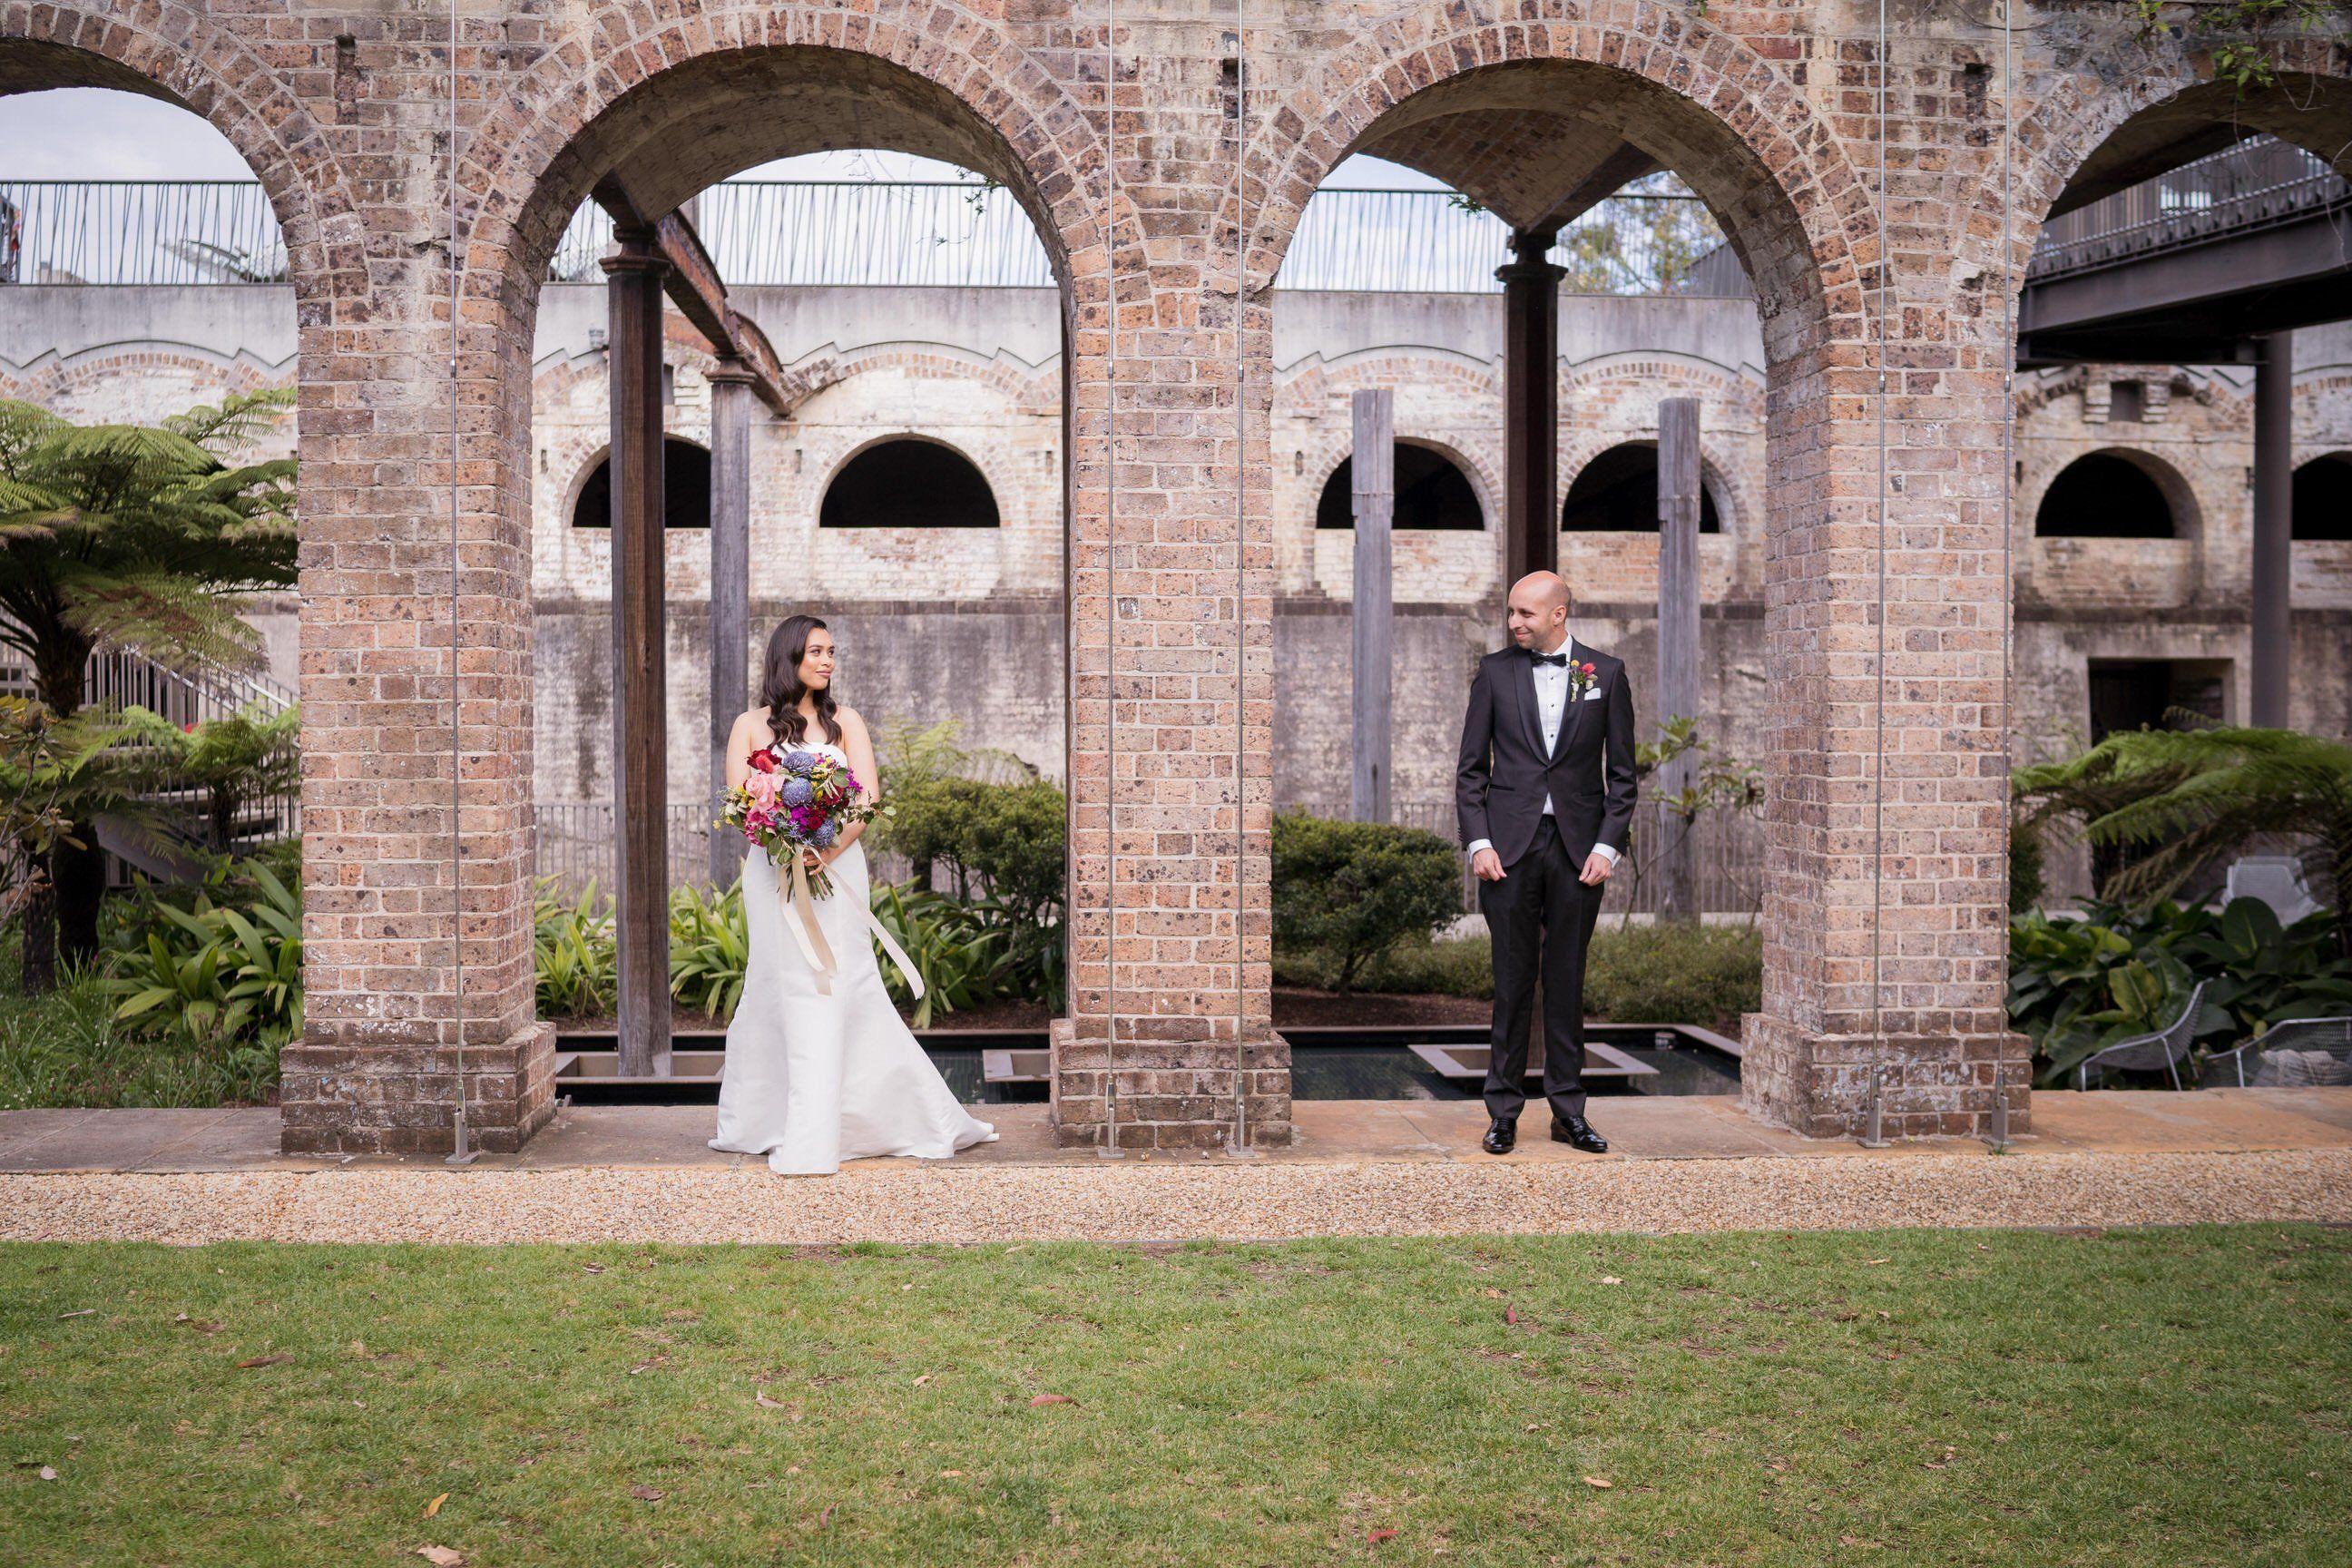 wedding venue, bride, groom, wedding ceremony, wedding reception,